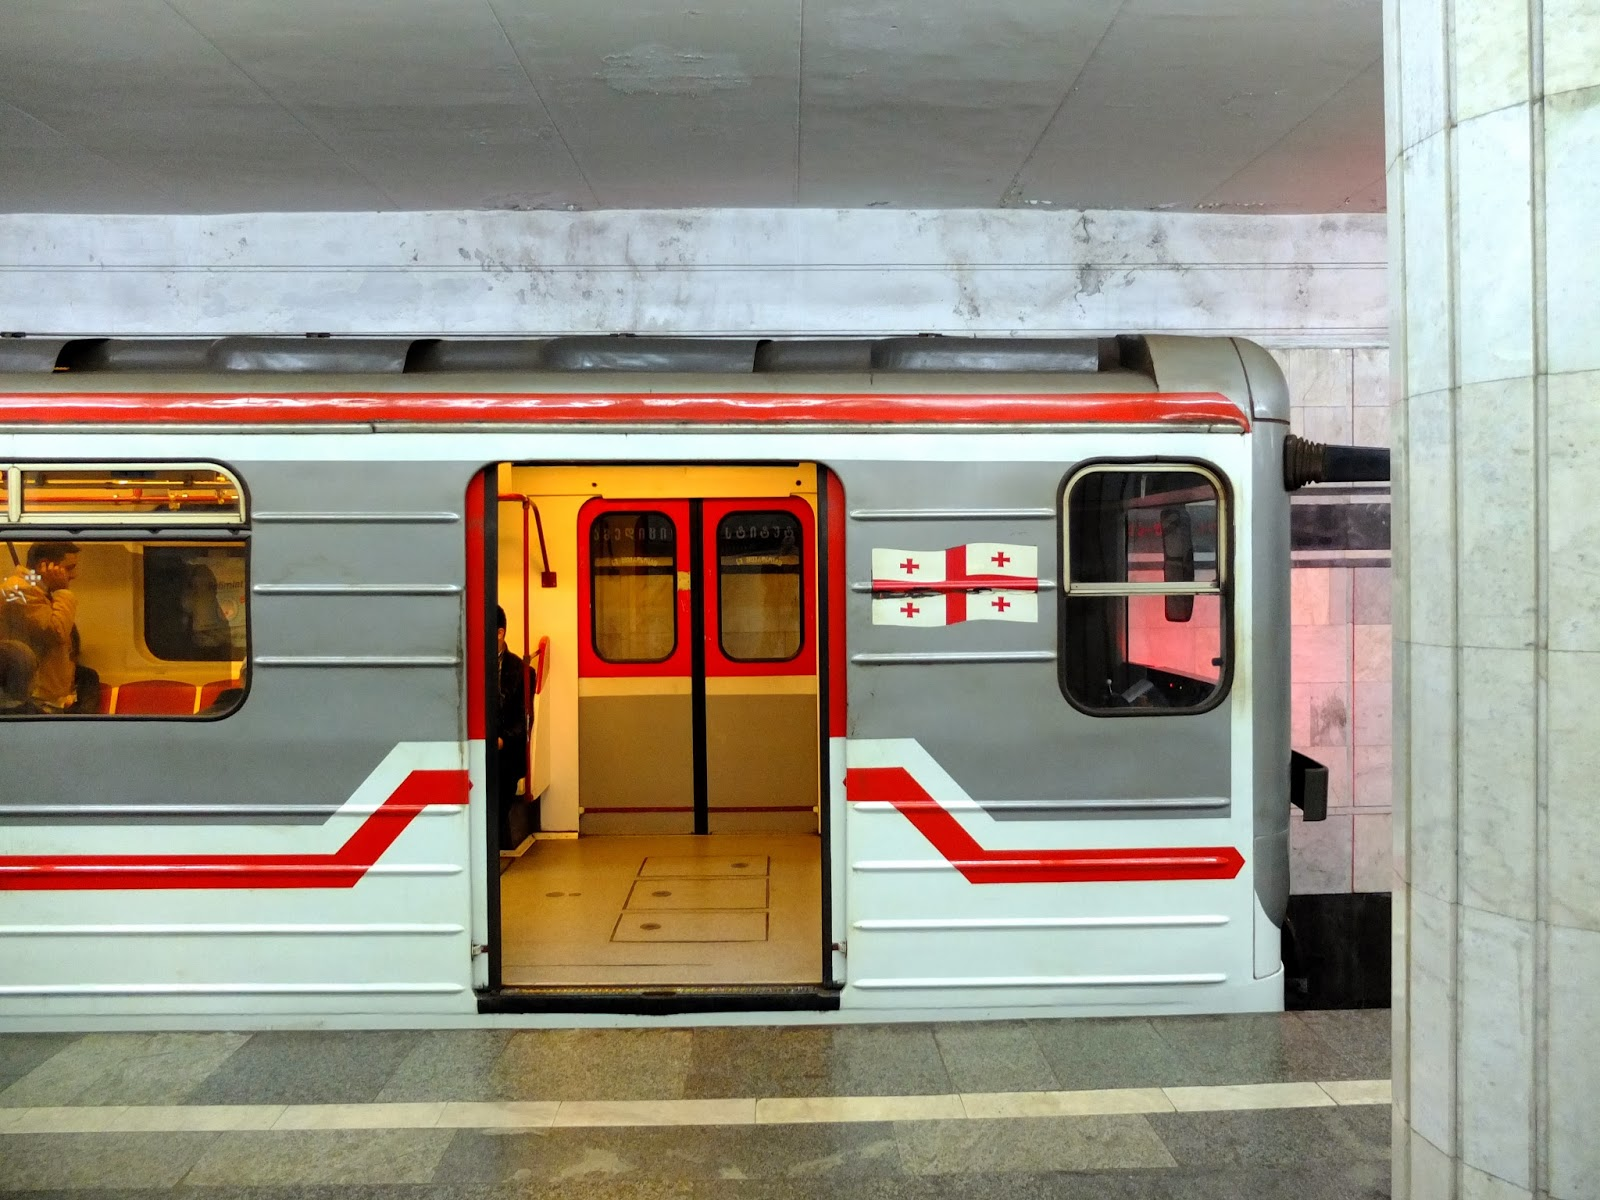 متوقف-شدن-متروی-ایستگاه-didube-تفلیس